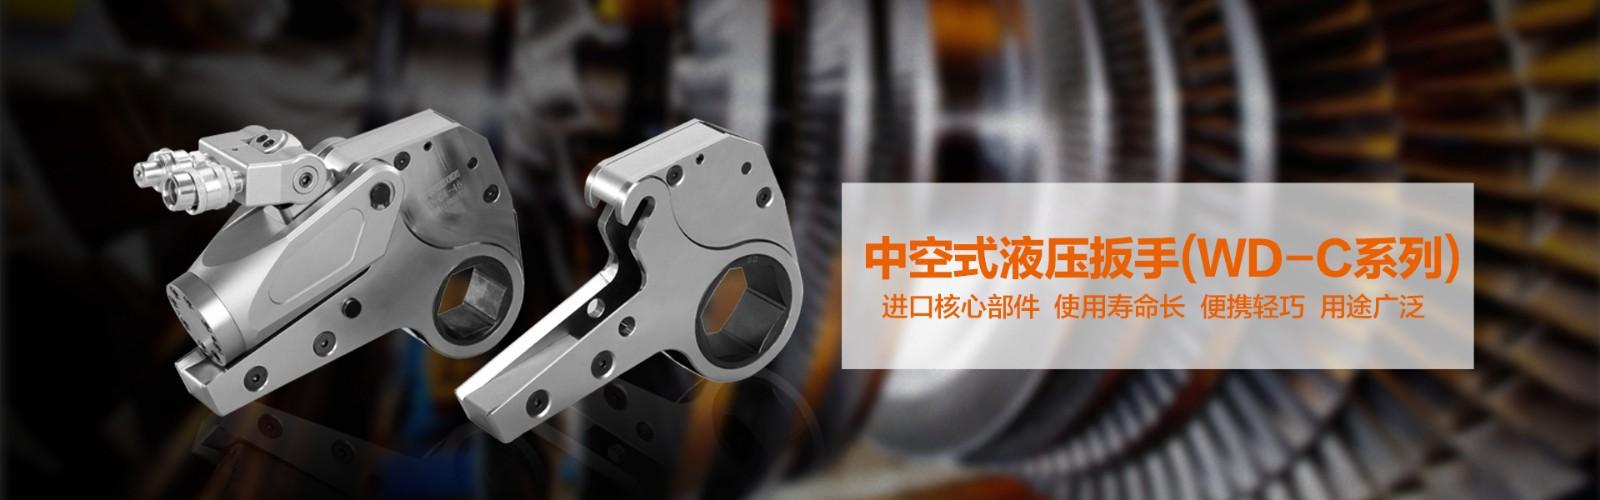 雷电竞网页铝钛合金WD-C系列驱动LOL雷电竞雷电竞备用网站